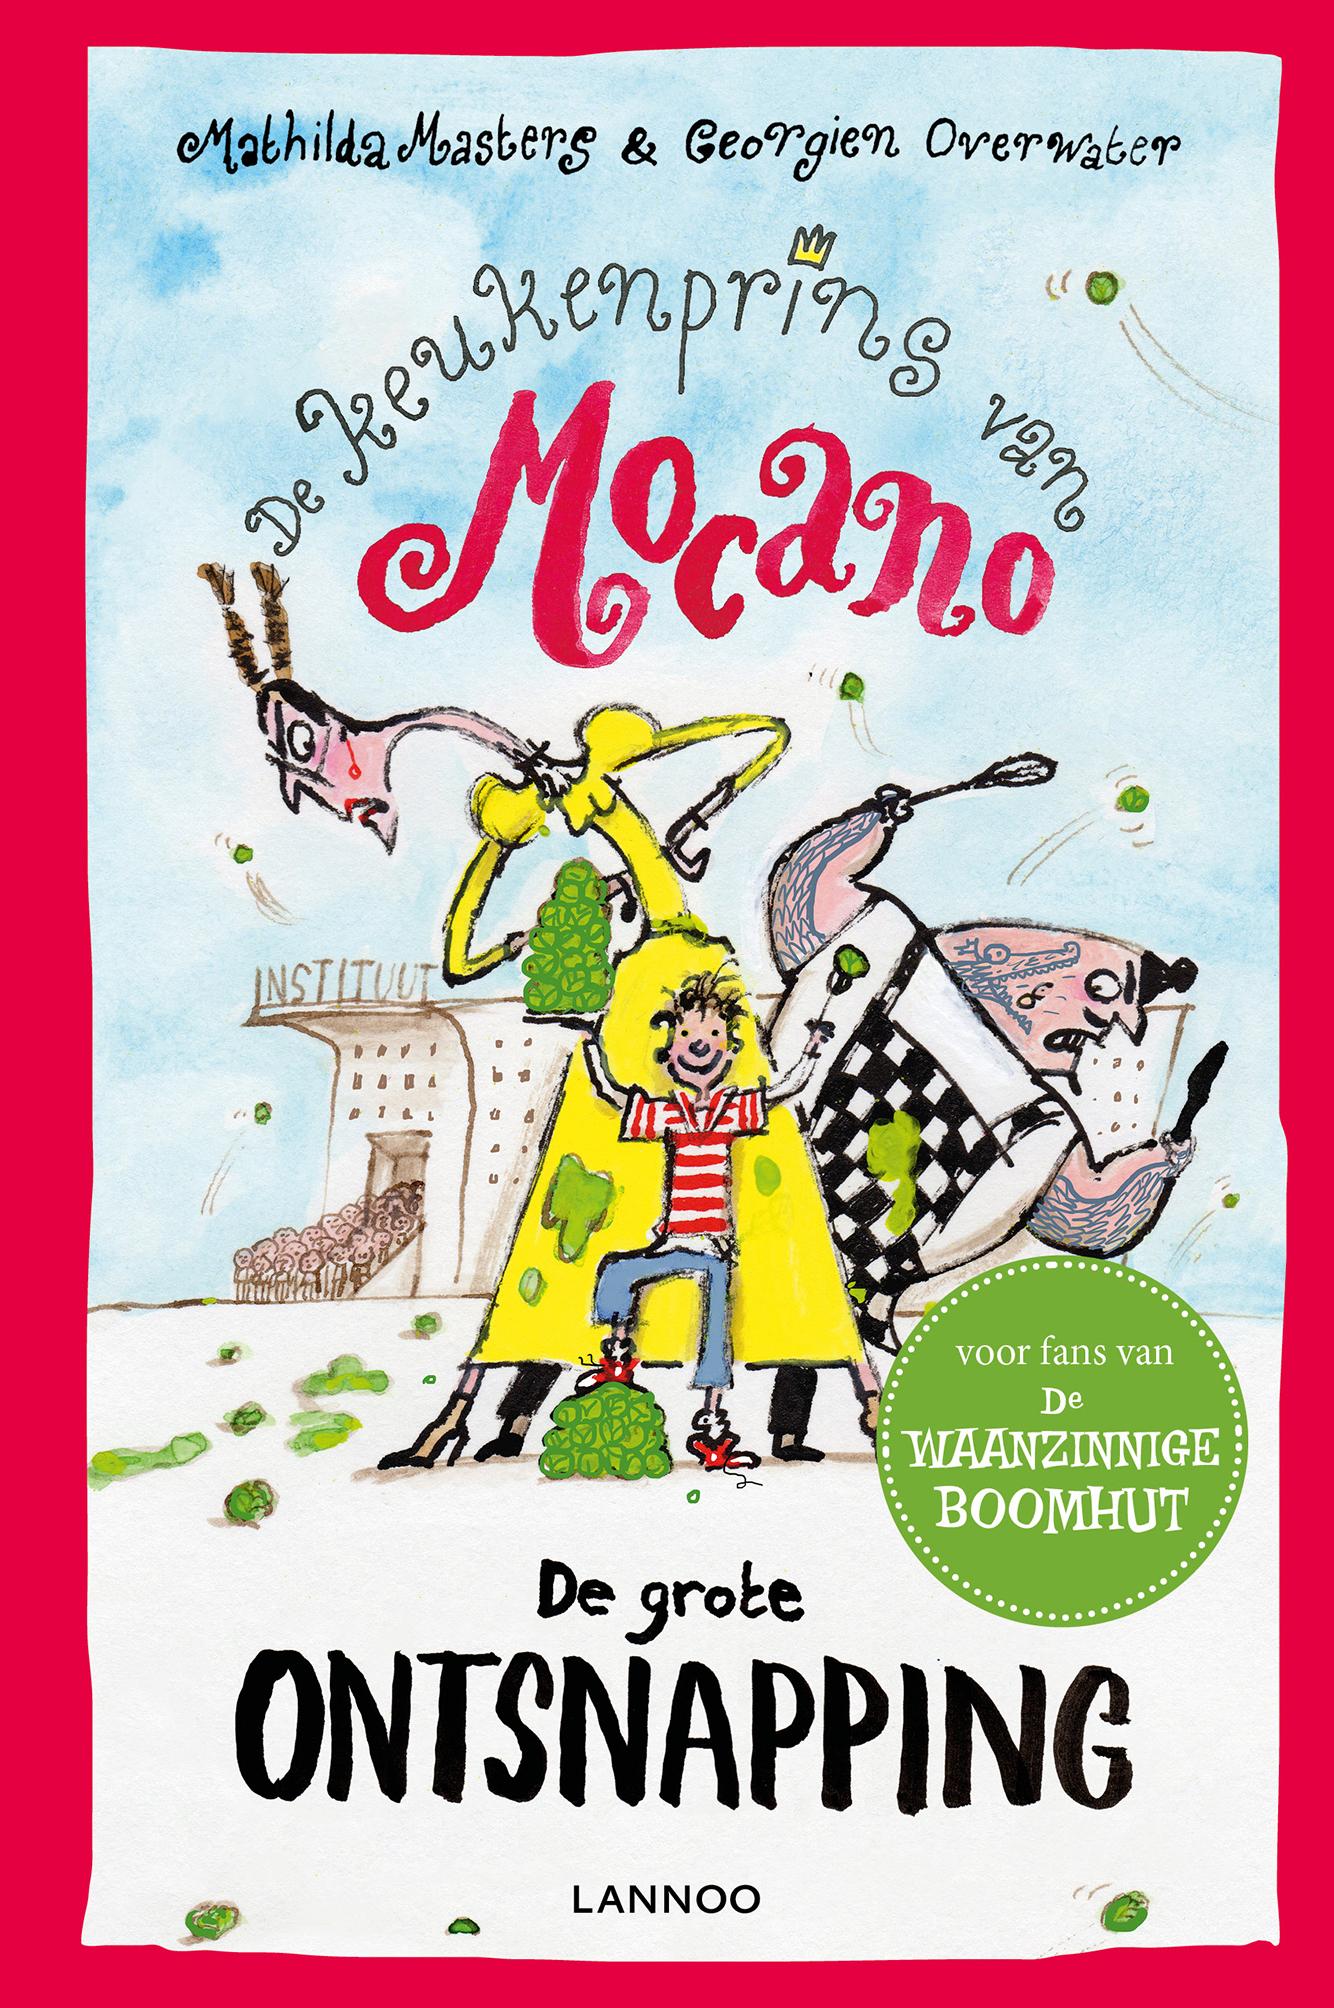 De keukenprins van Mocano IV - De grote ontsnapping   Uitgeverij ...